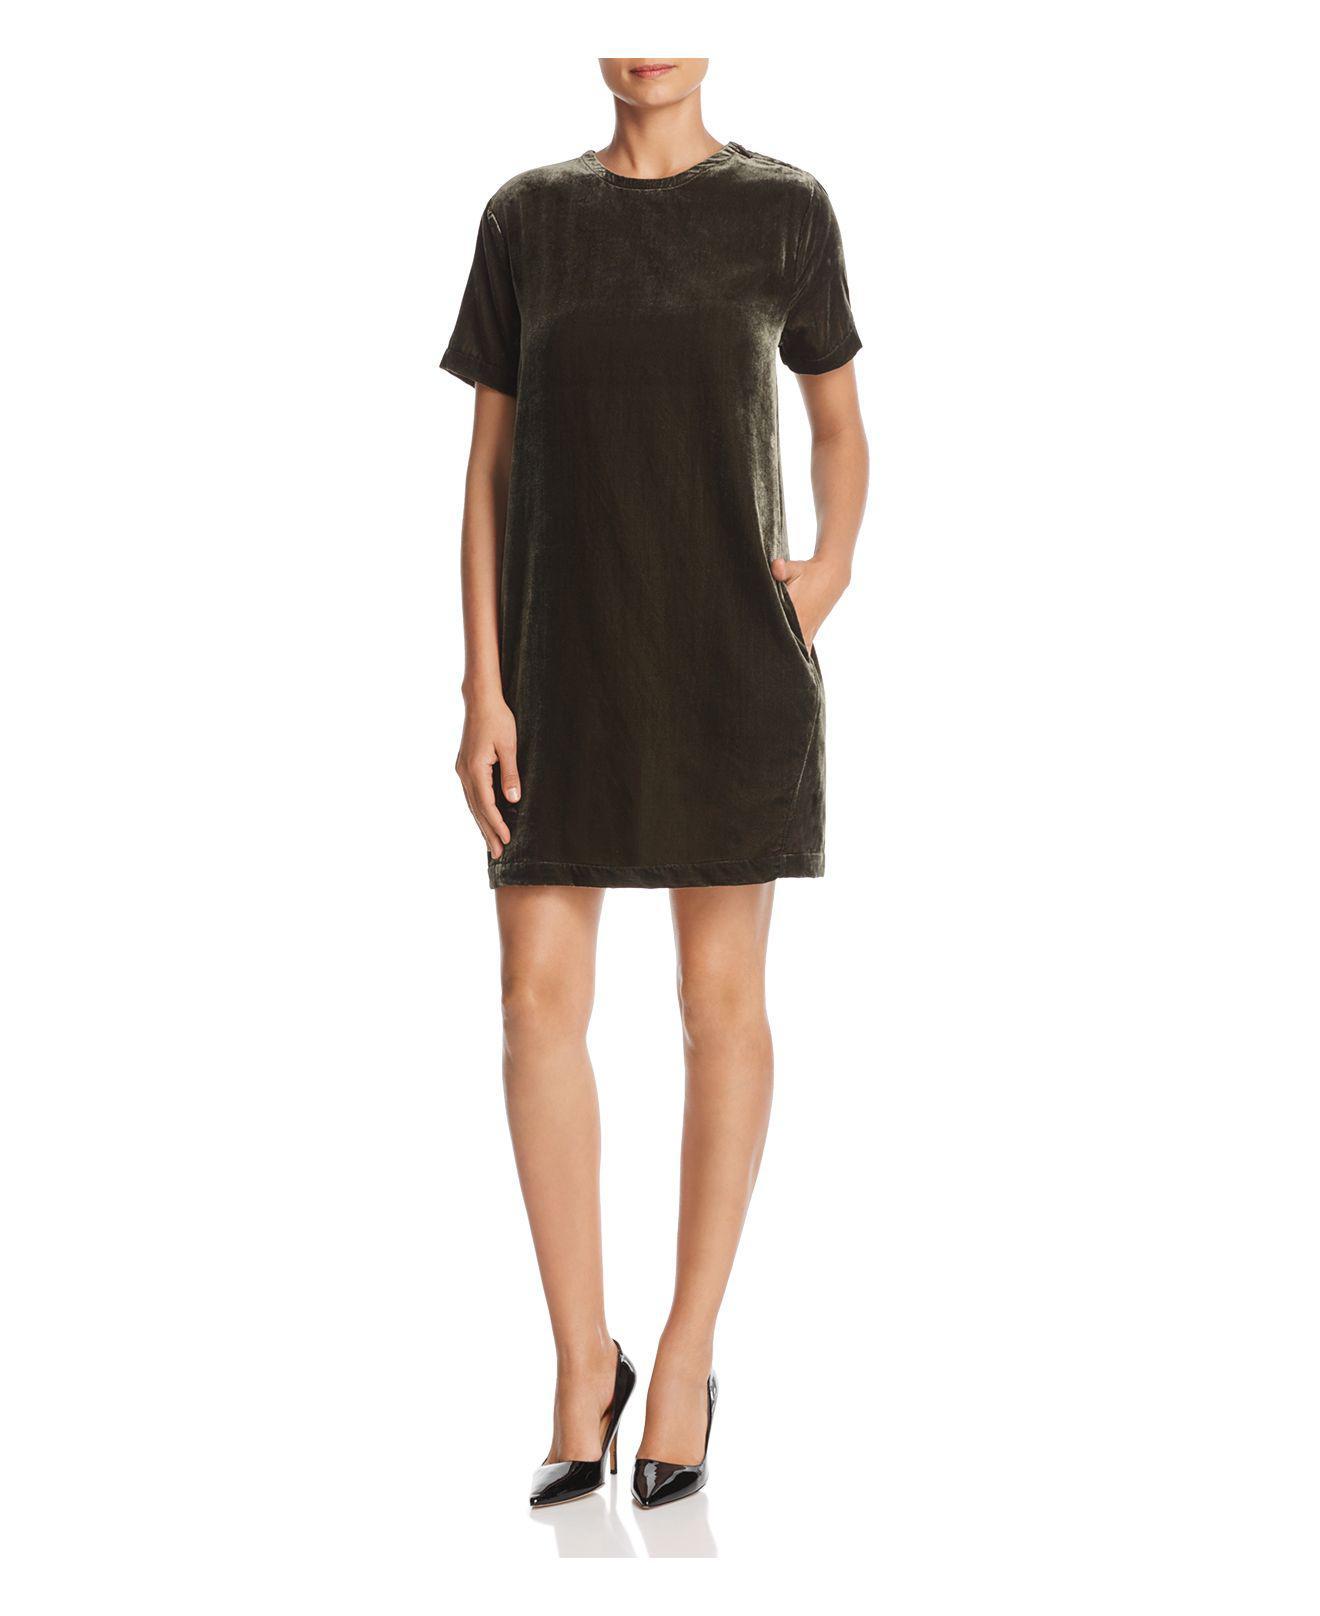 Velvet T-Shirt Dress Kenneth Cole OIaV1